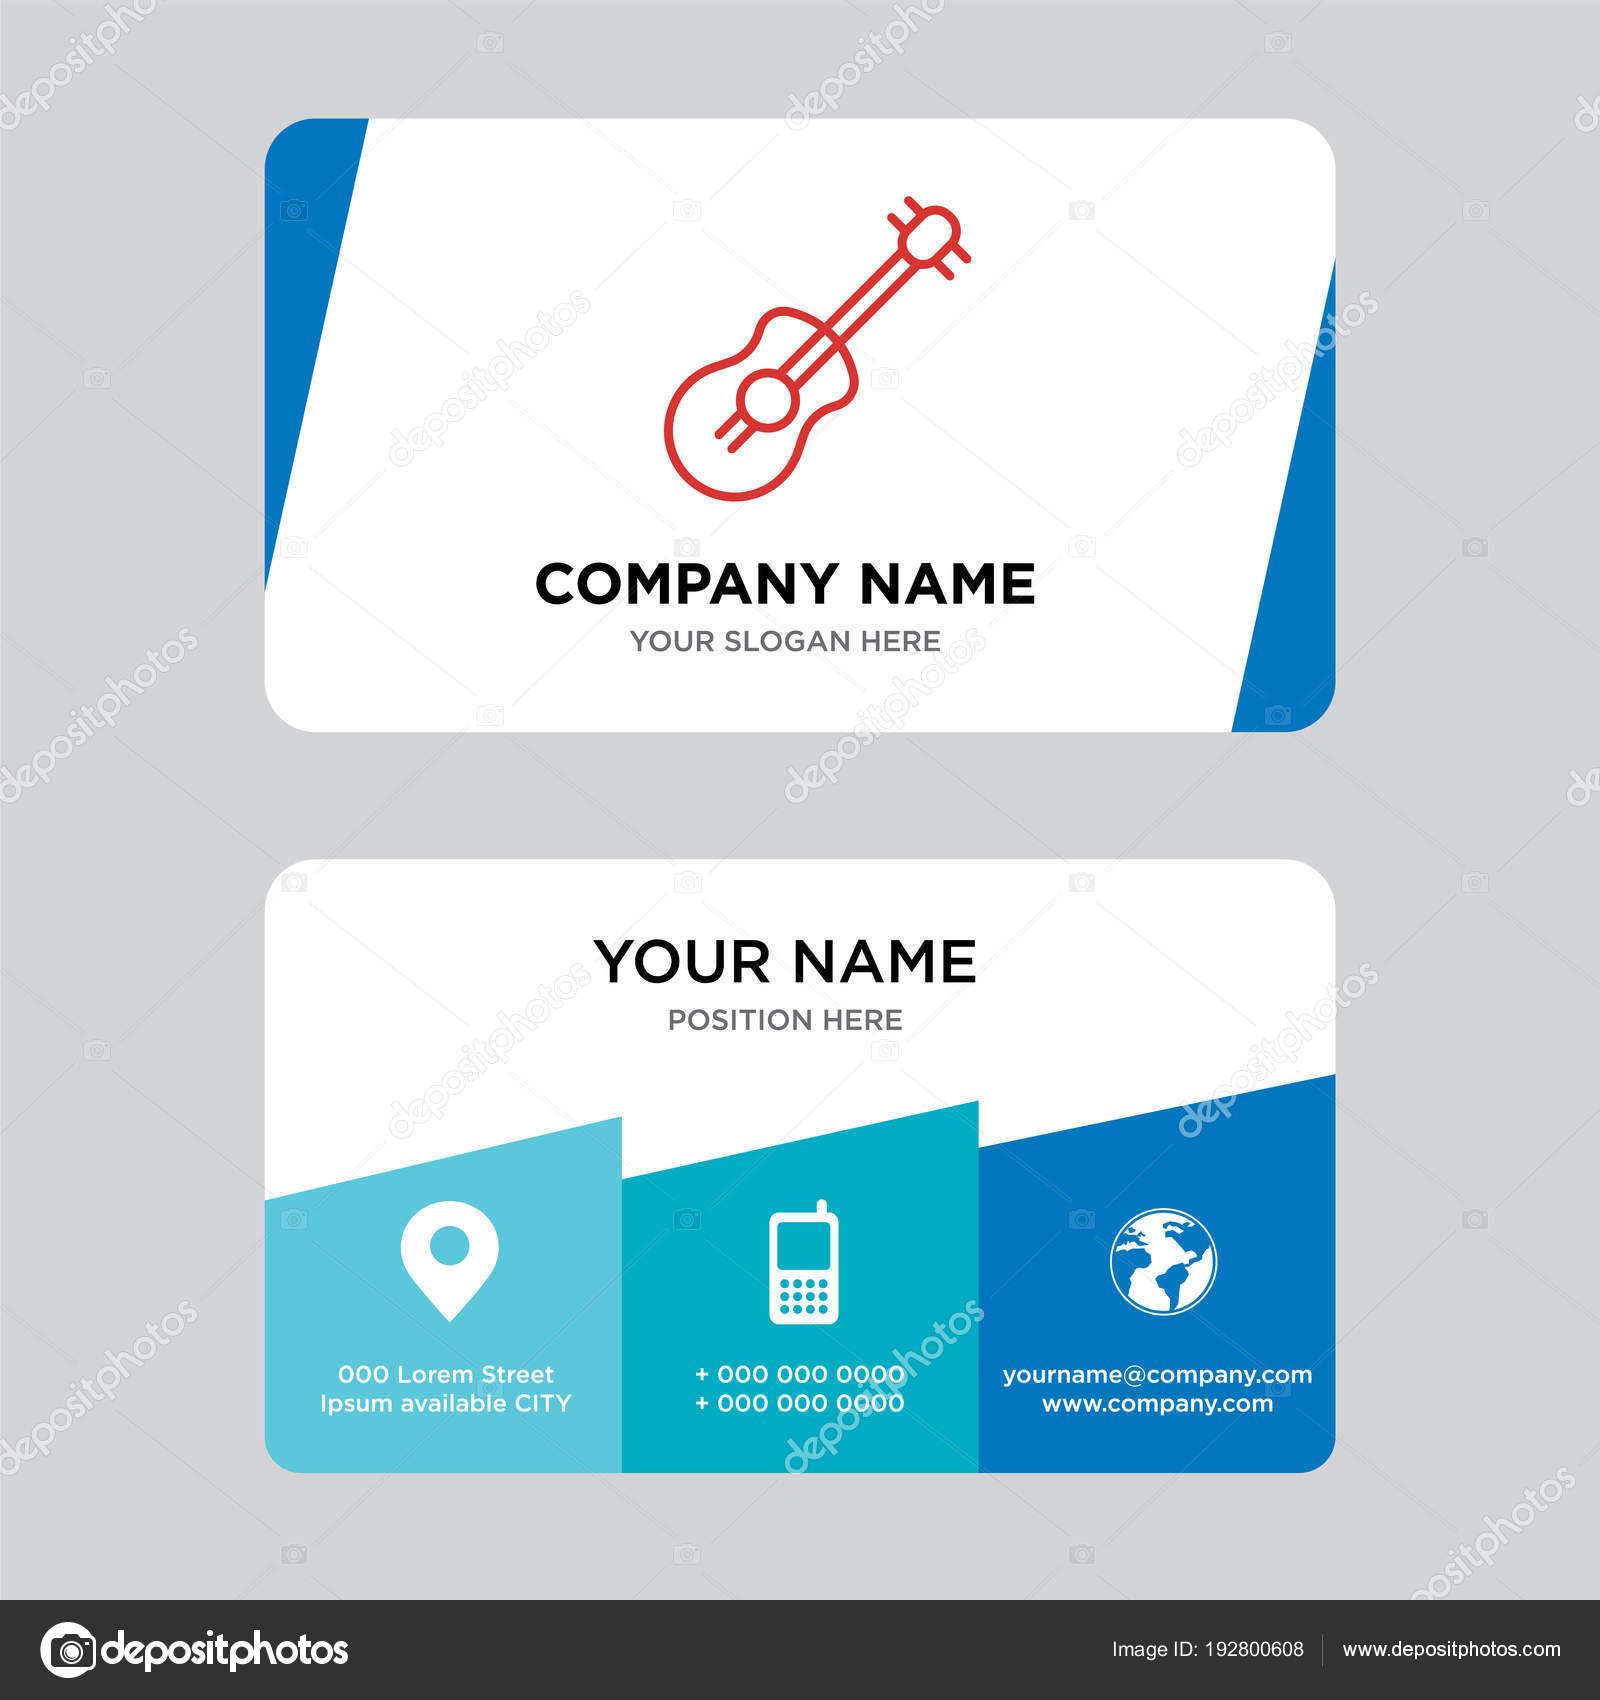 Guitar business card design template stock vector provectorstock guitar business card design template stock vector colourmoves